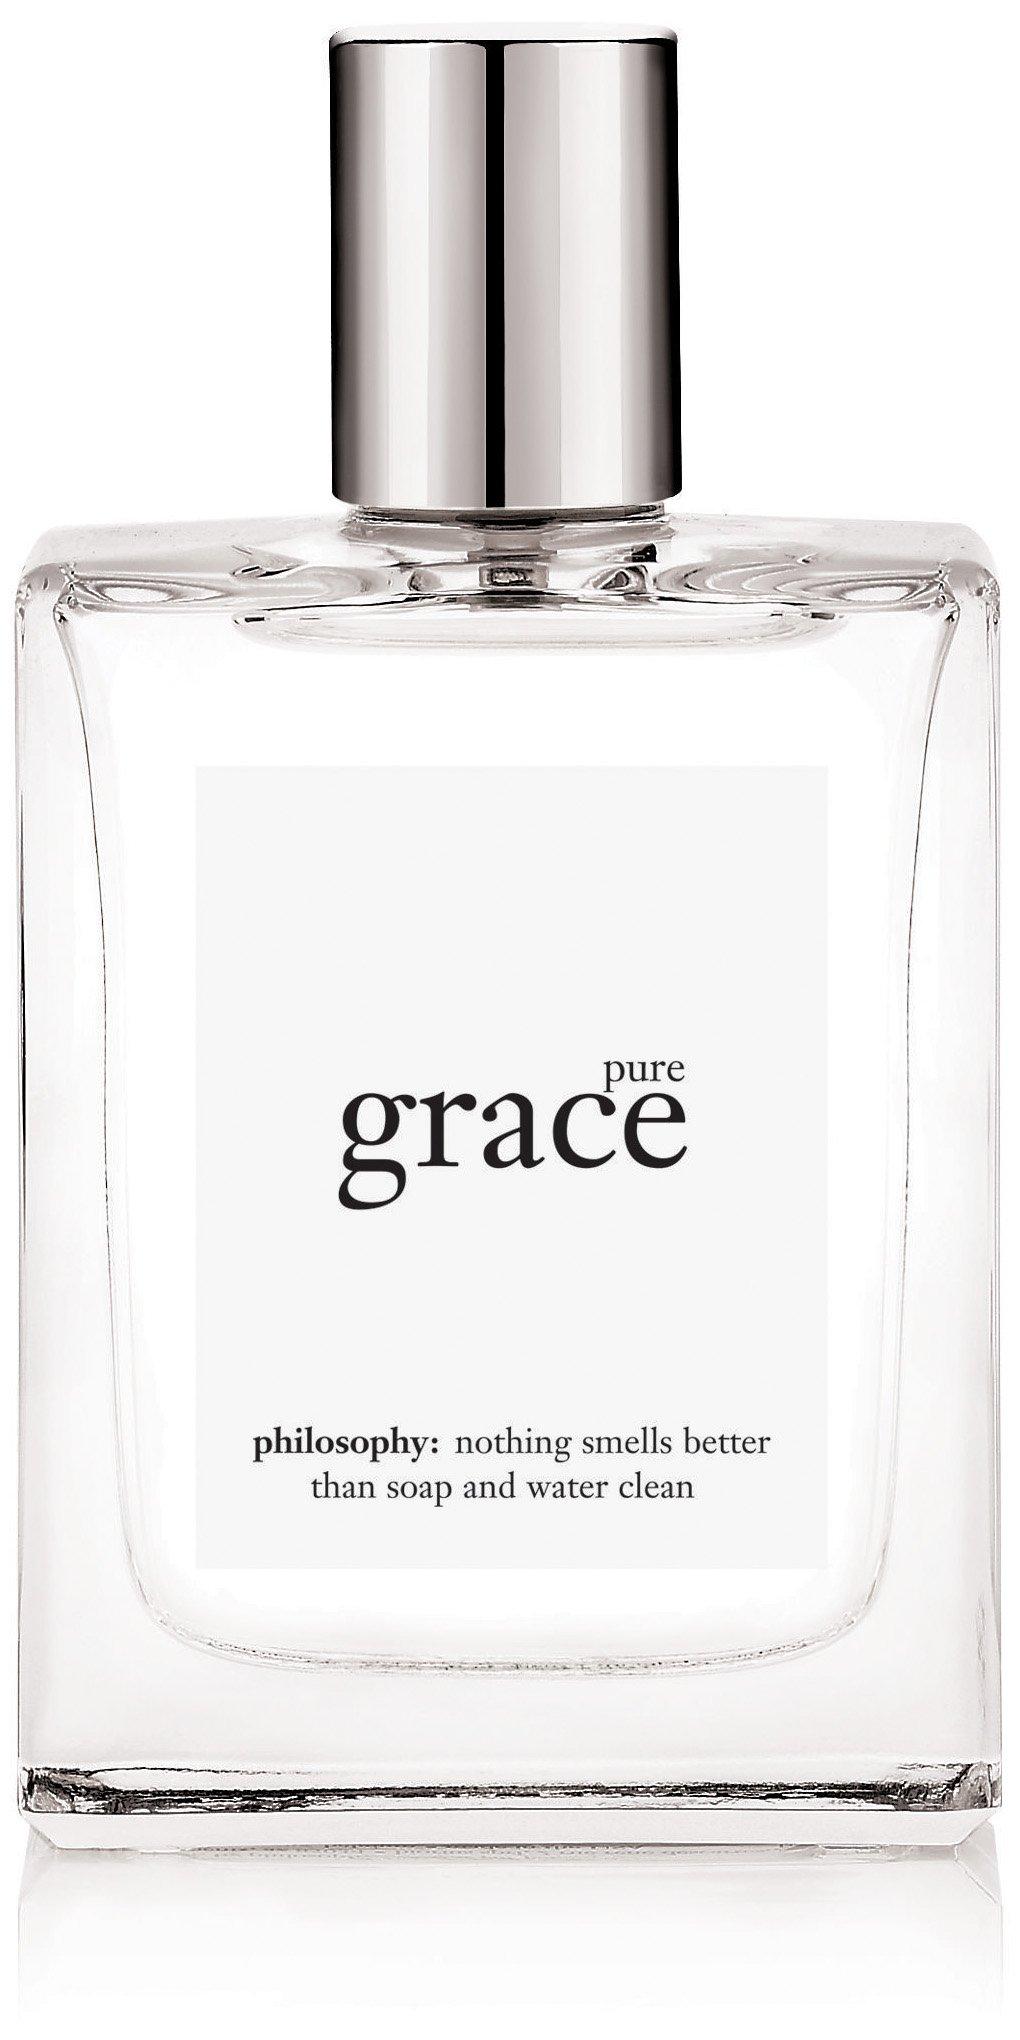 Philosophy Pure Grace Spray Fragrance, 2 Ounce